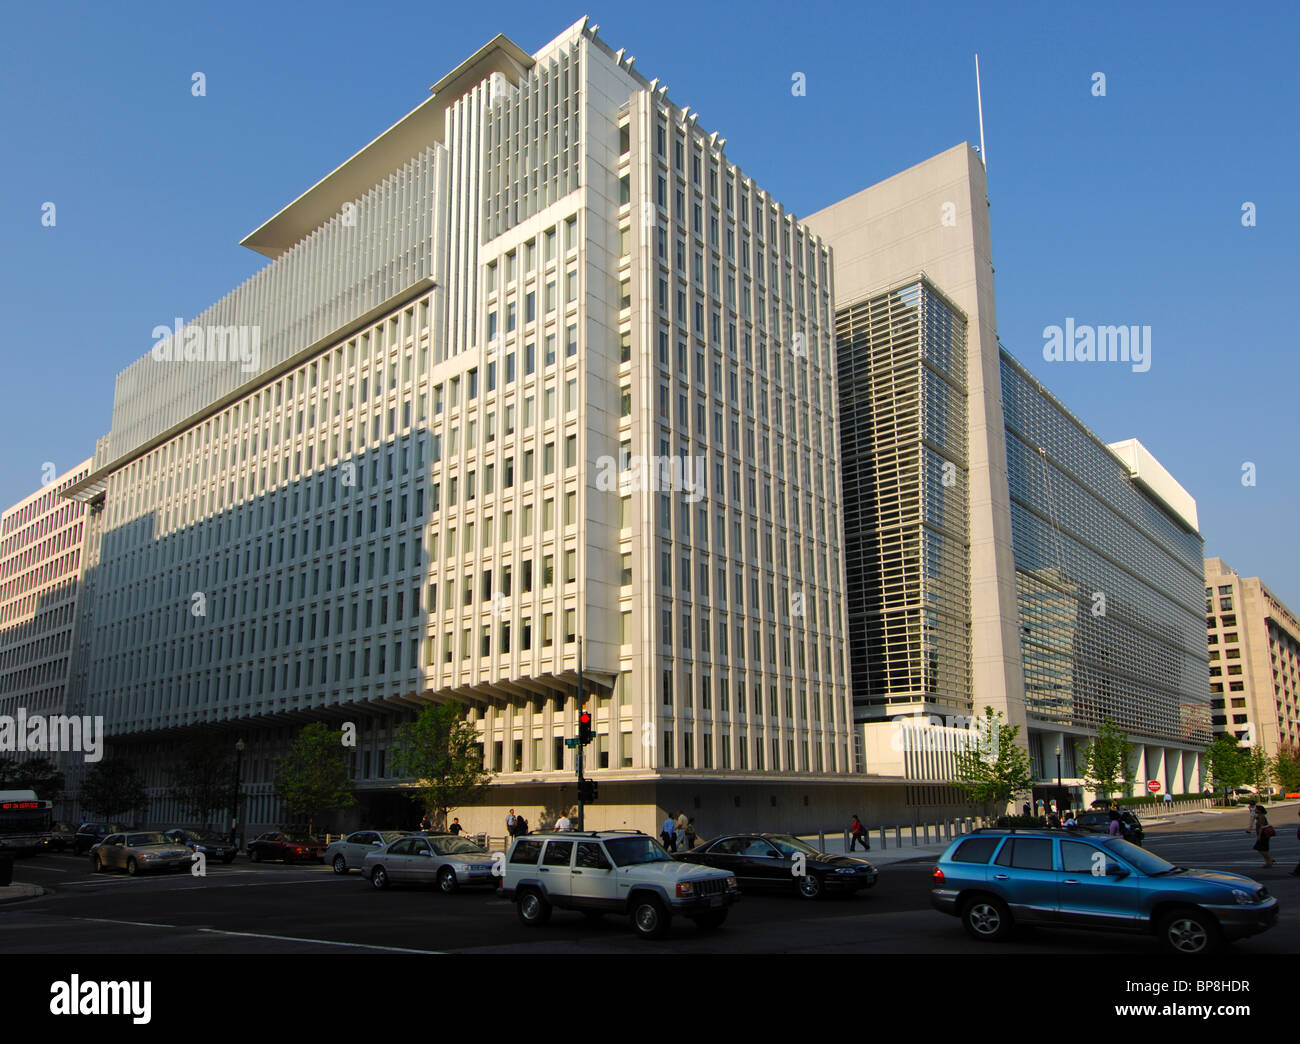 Hauptsitz der internationalen Bank für Wiederaufbau und Entwicklung (IBRD), Weltbank, Washington, D.C., USA Stockbild